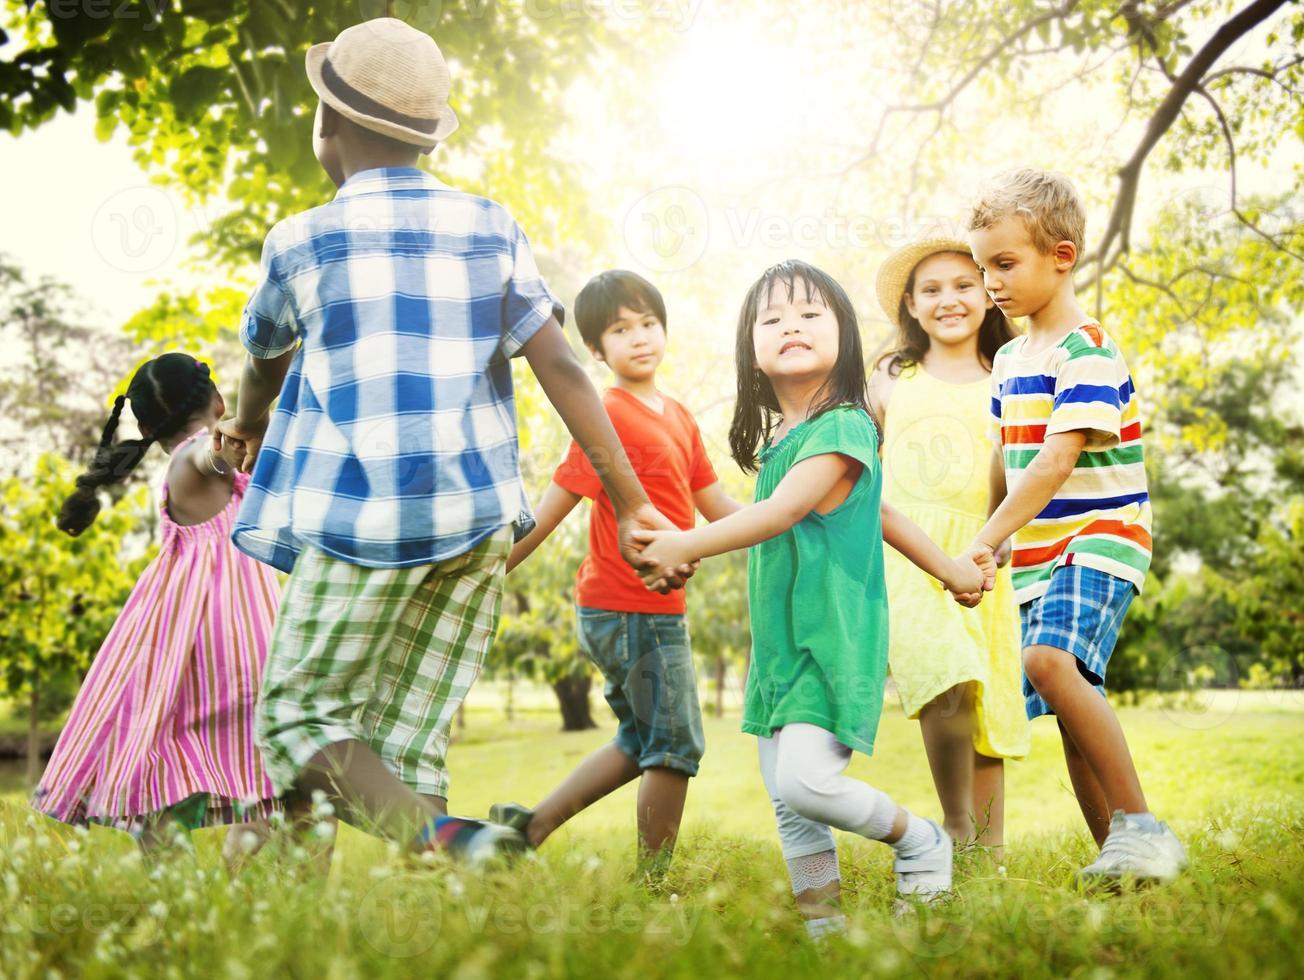 kinderen vriendschap saamhorigheid spel geluk concept foto